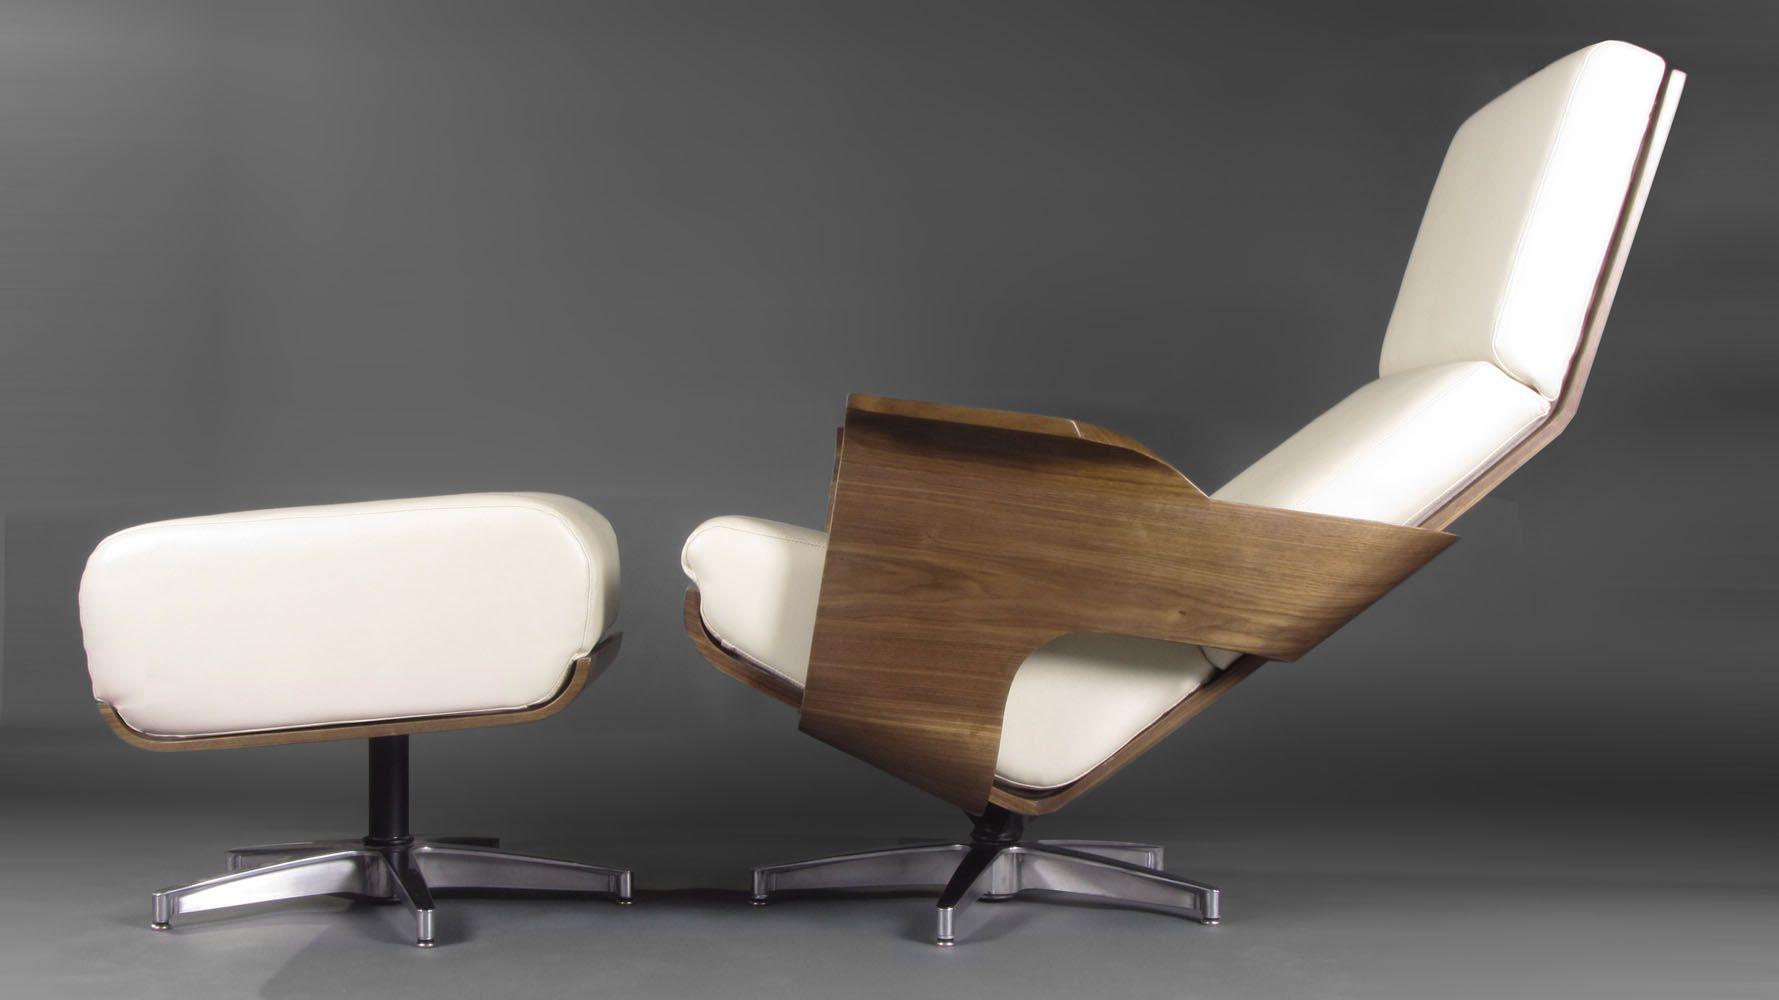 Esszimmermöbel mit lagerung die meisten der komfortablen liegestühle  stühle in